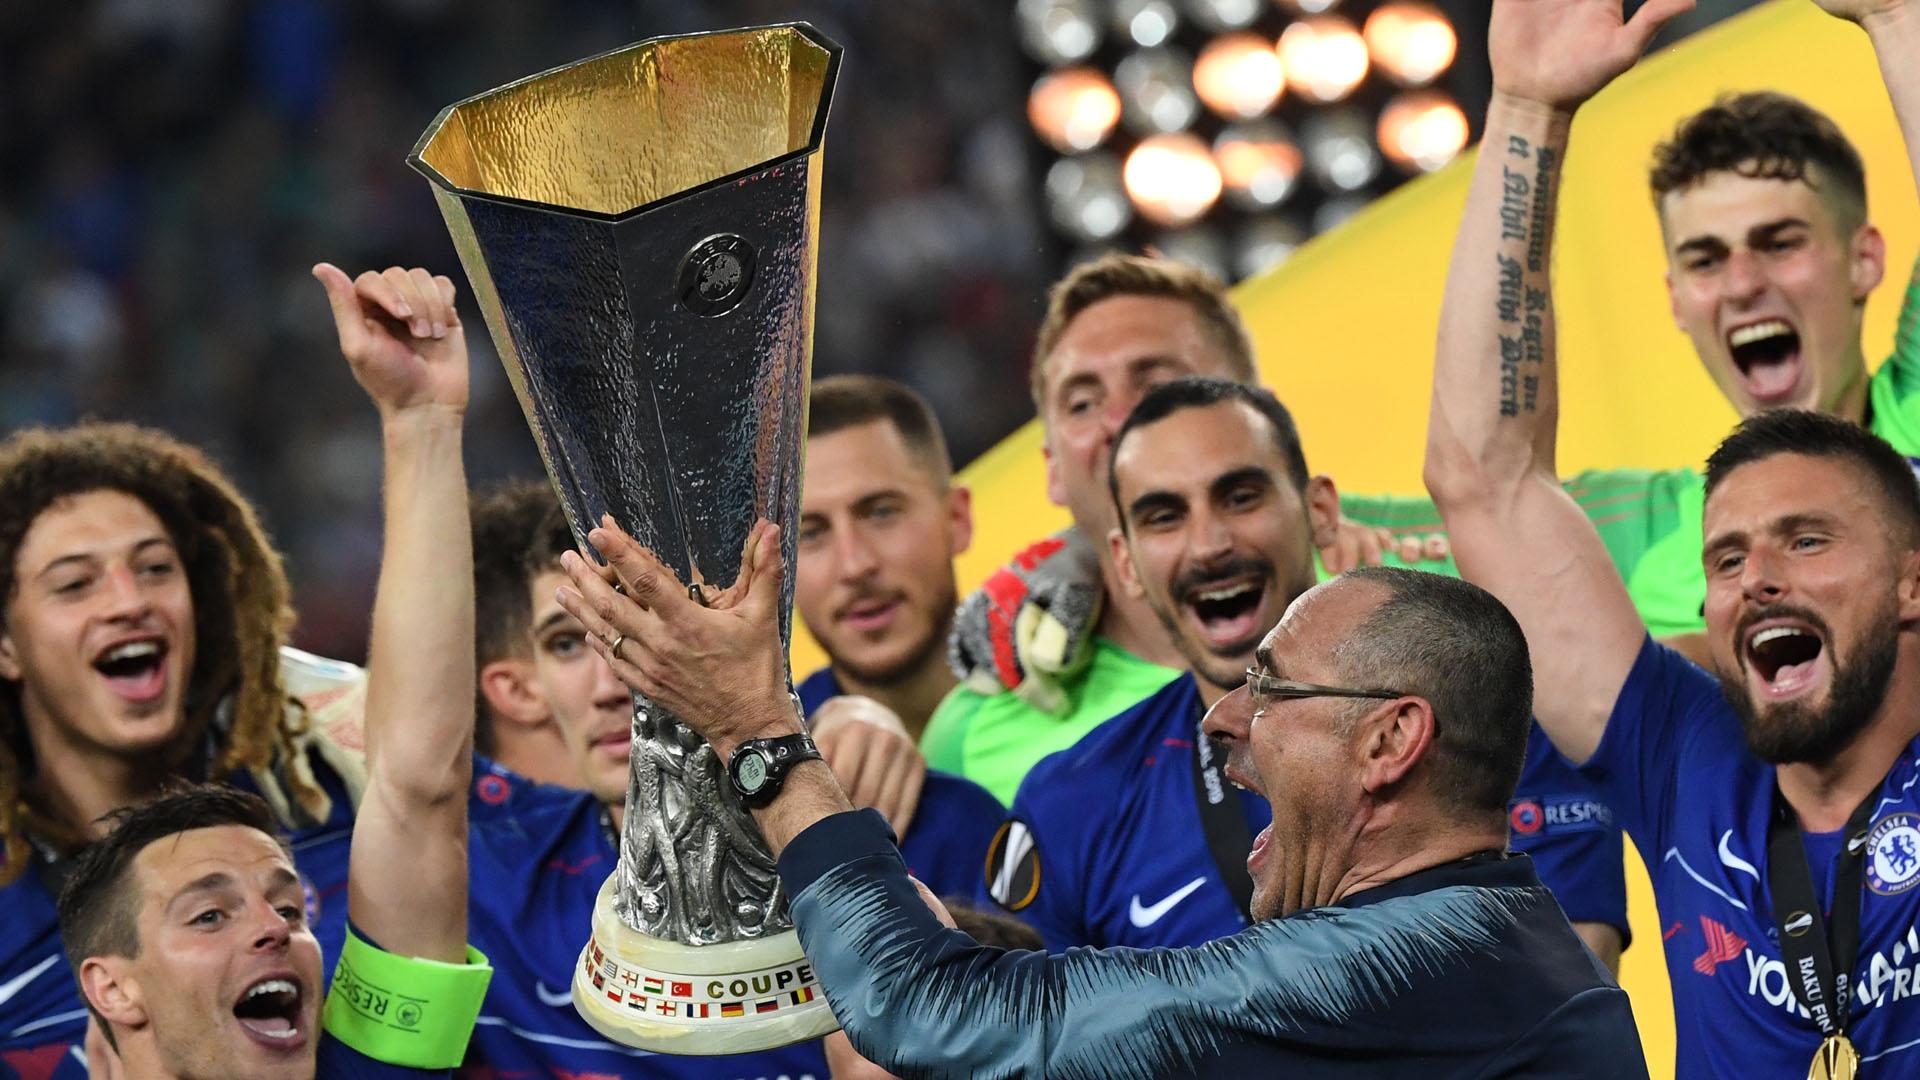 Festejo de Sarri con el Chelsea por su triunfo en la Europa League. Foto de AFP / Kirill Kudryavtsev